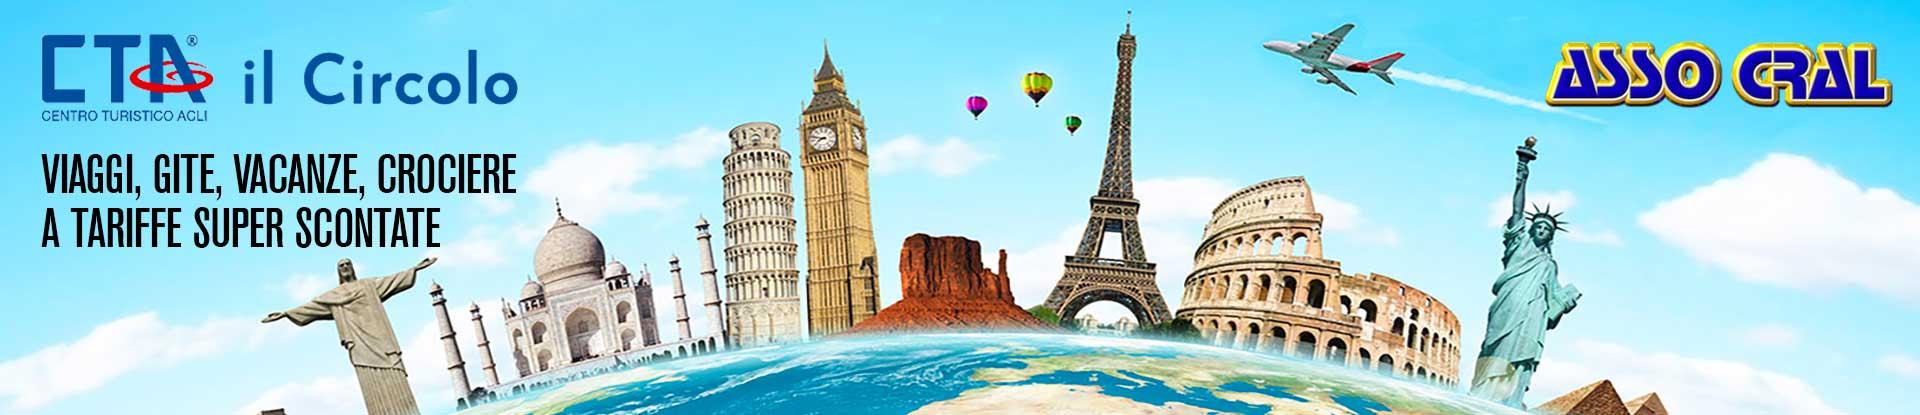 CTA Il Circolo - Viaggi e Vacanza